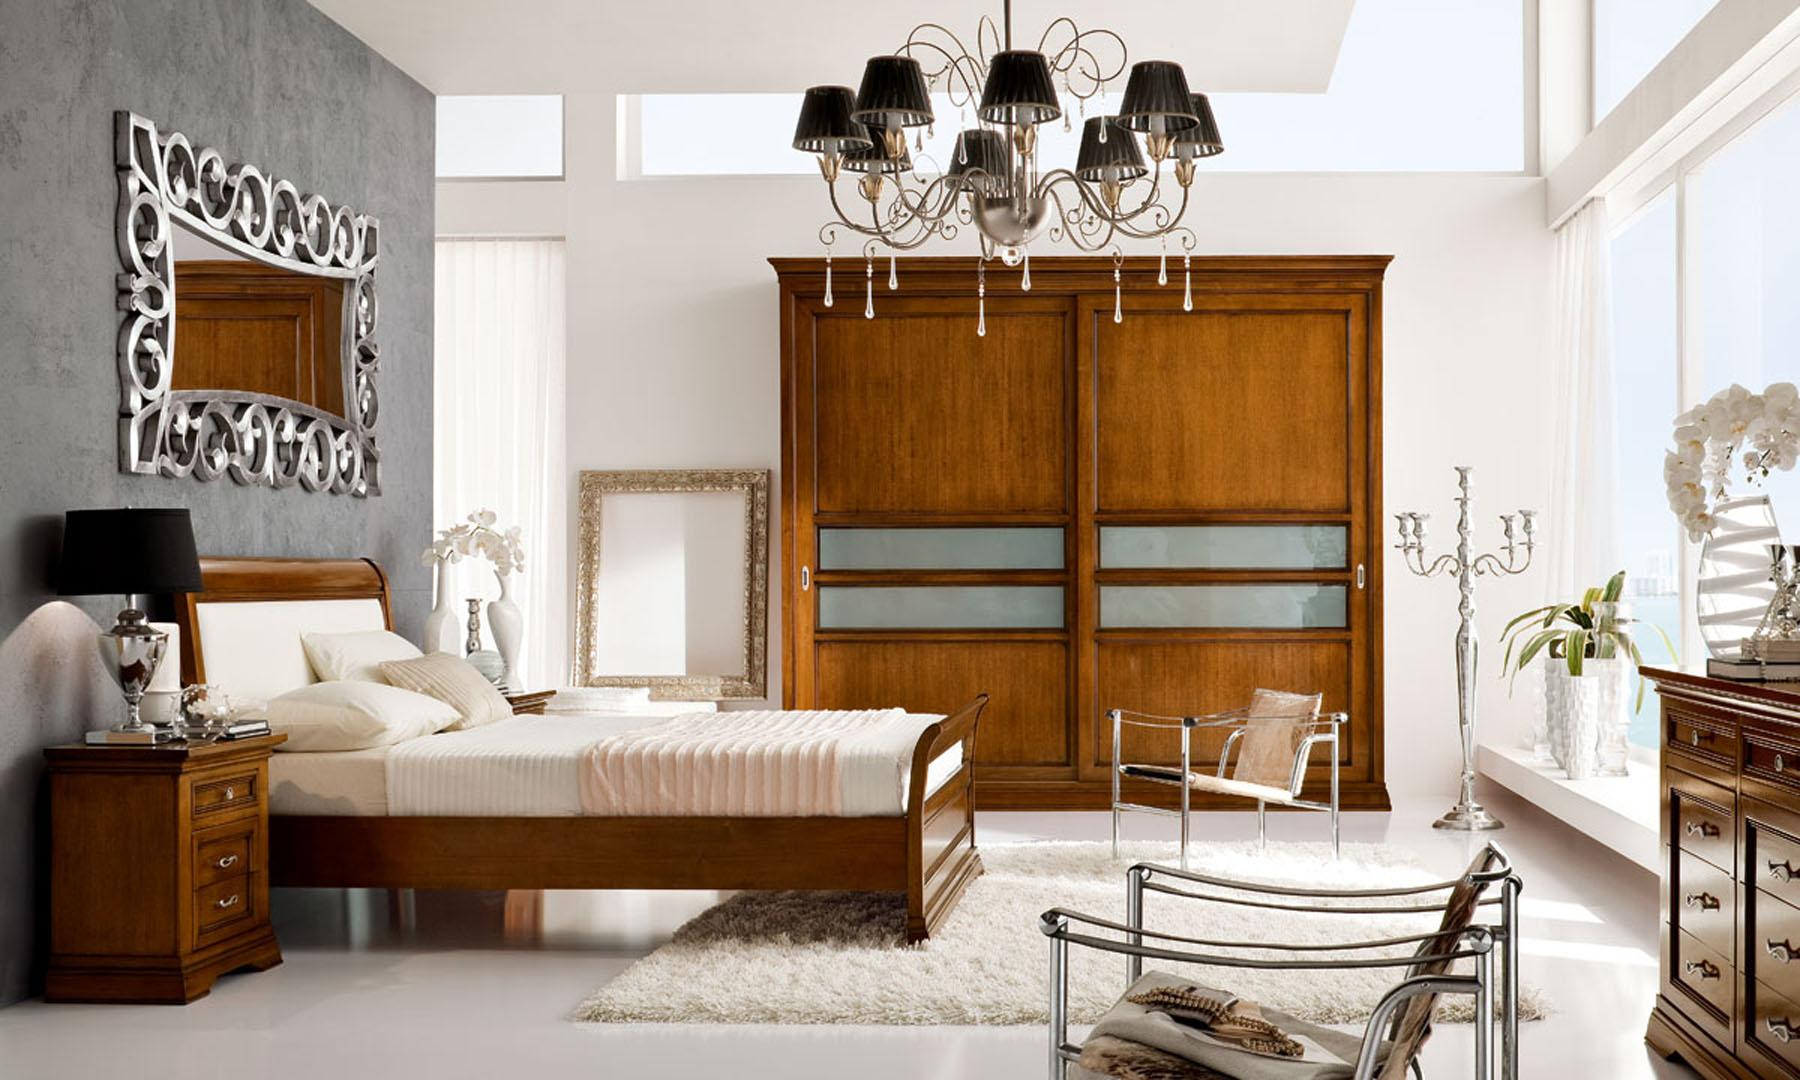 Camere classiche sirigu mobili - Camere da letto classiche prezzi ...